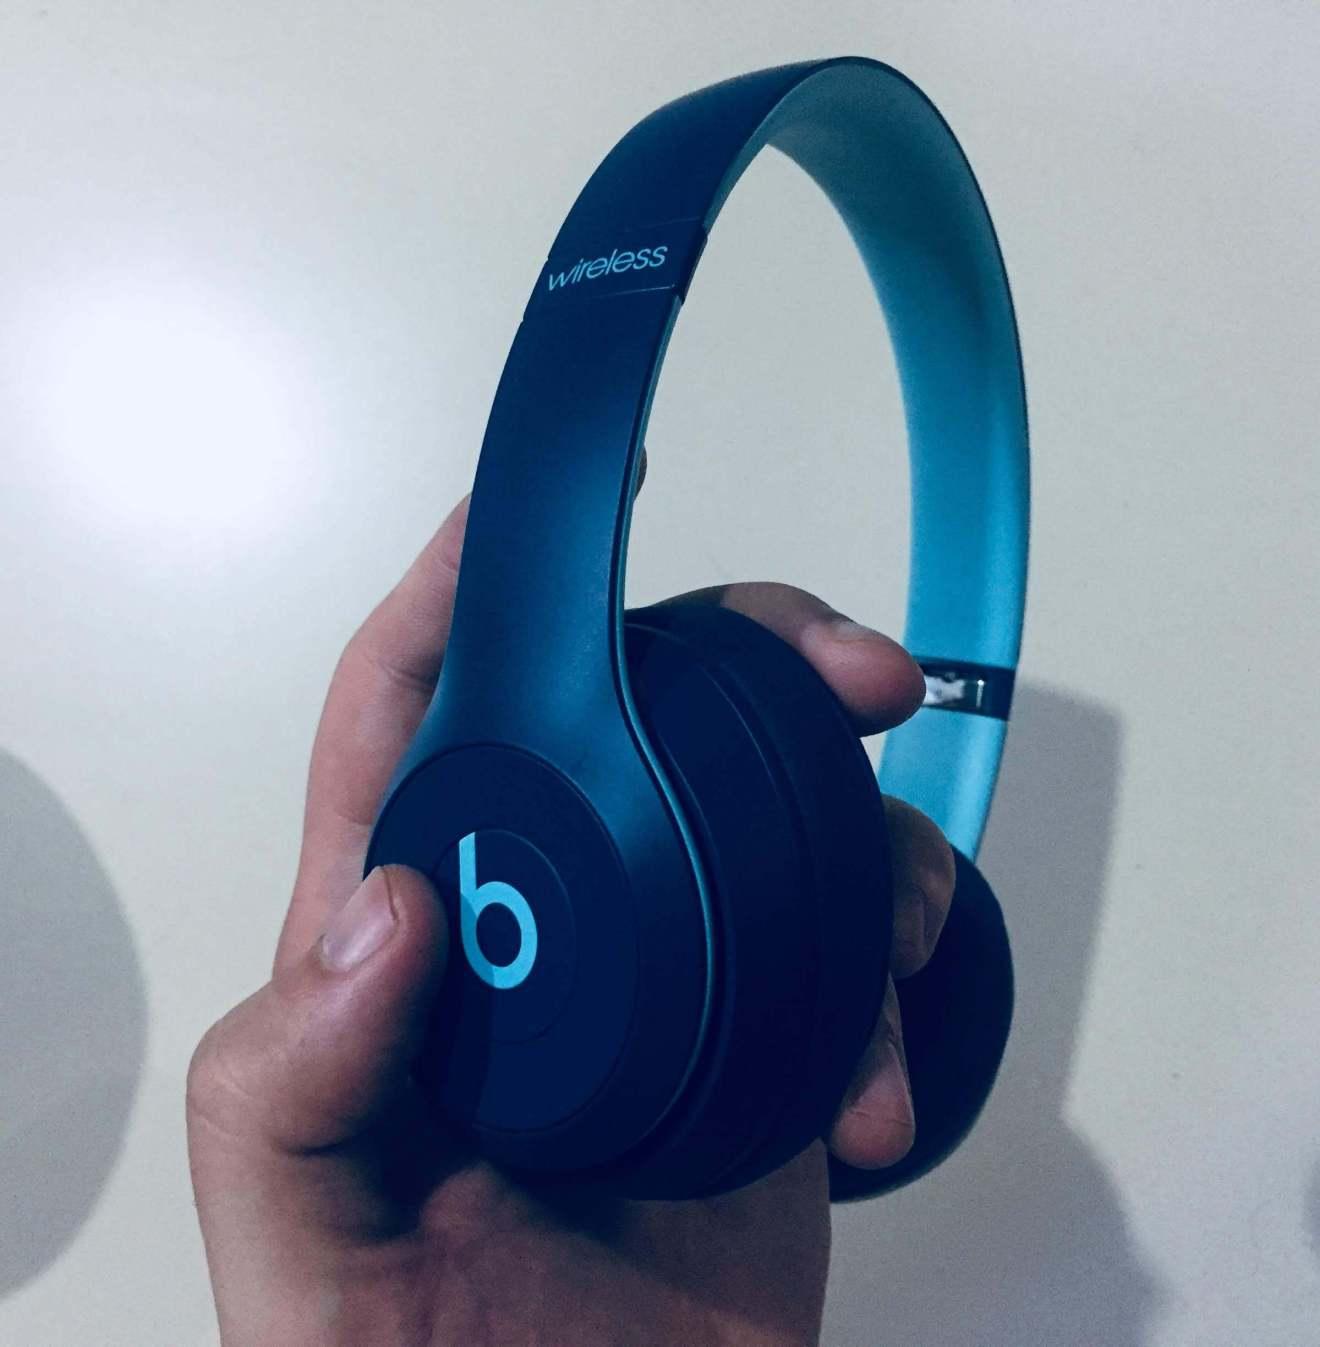 IMG 0444 - Review: Beats Solo3 Wireless, o fone bluetooth para todas as ocasiões